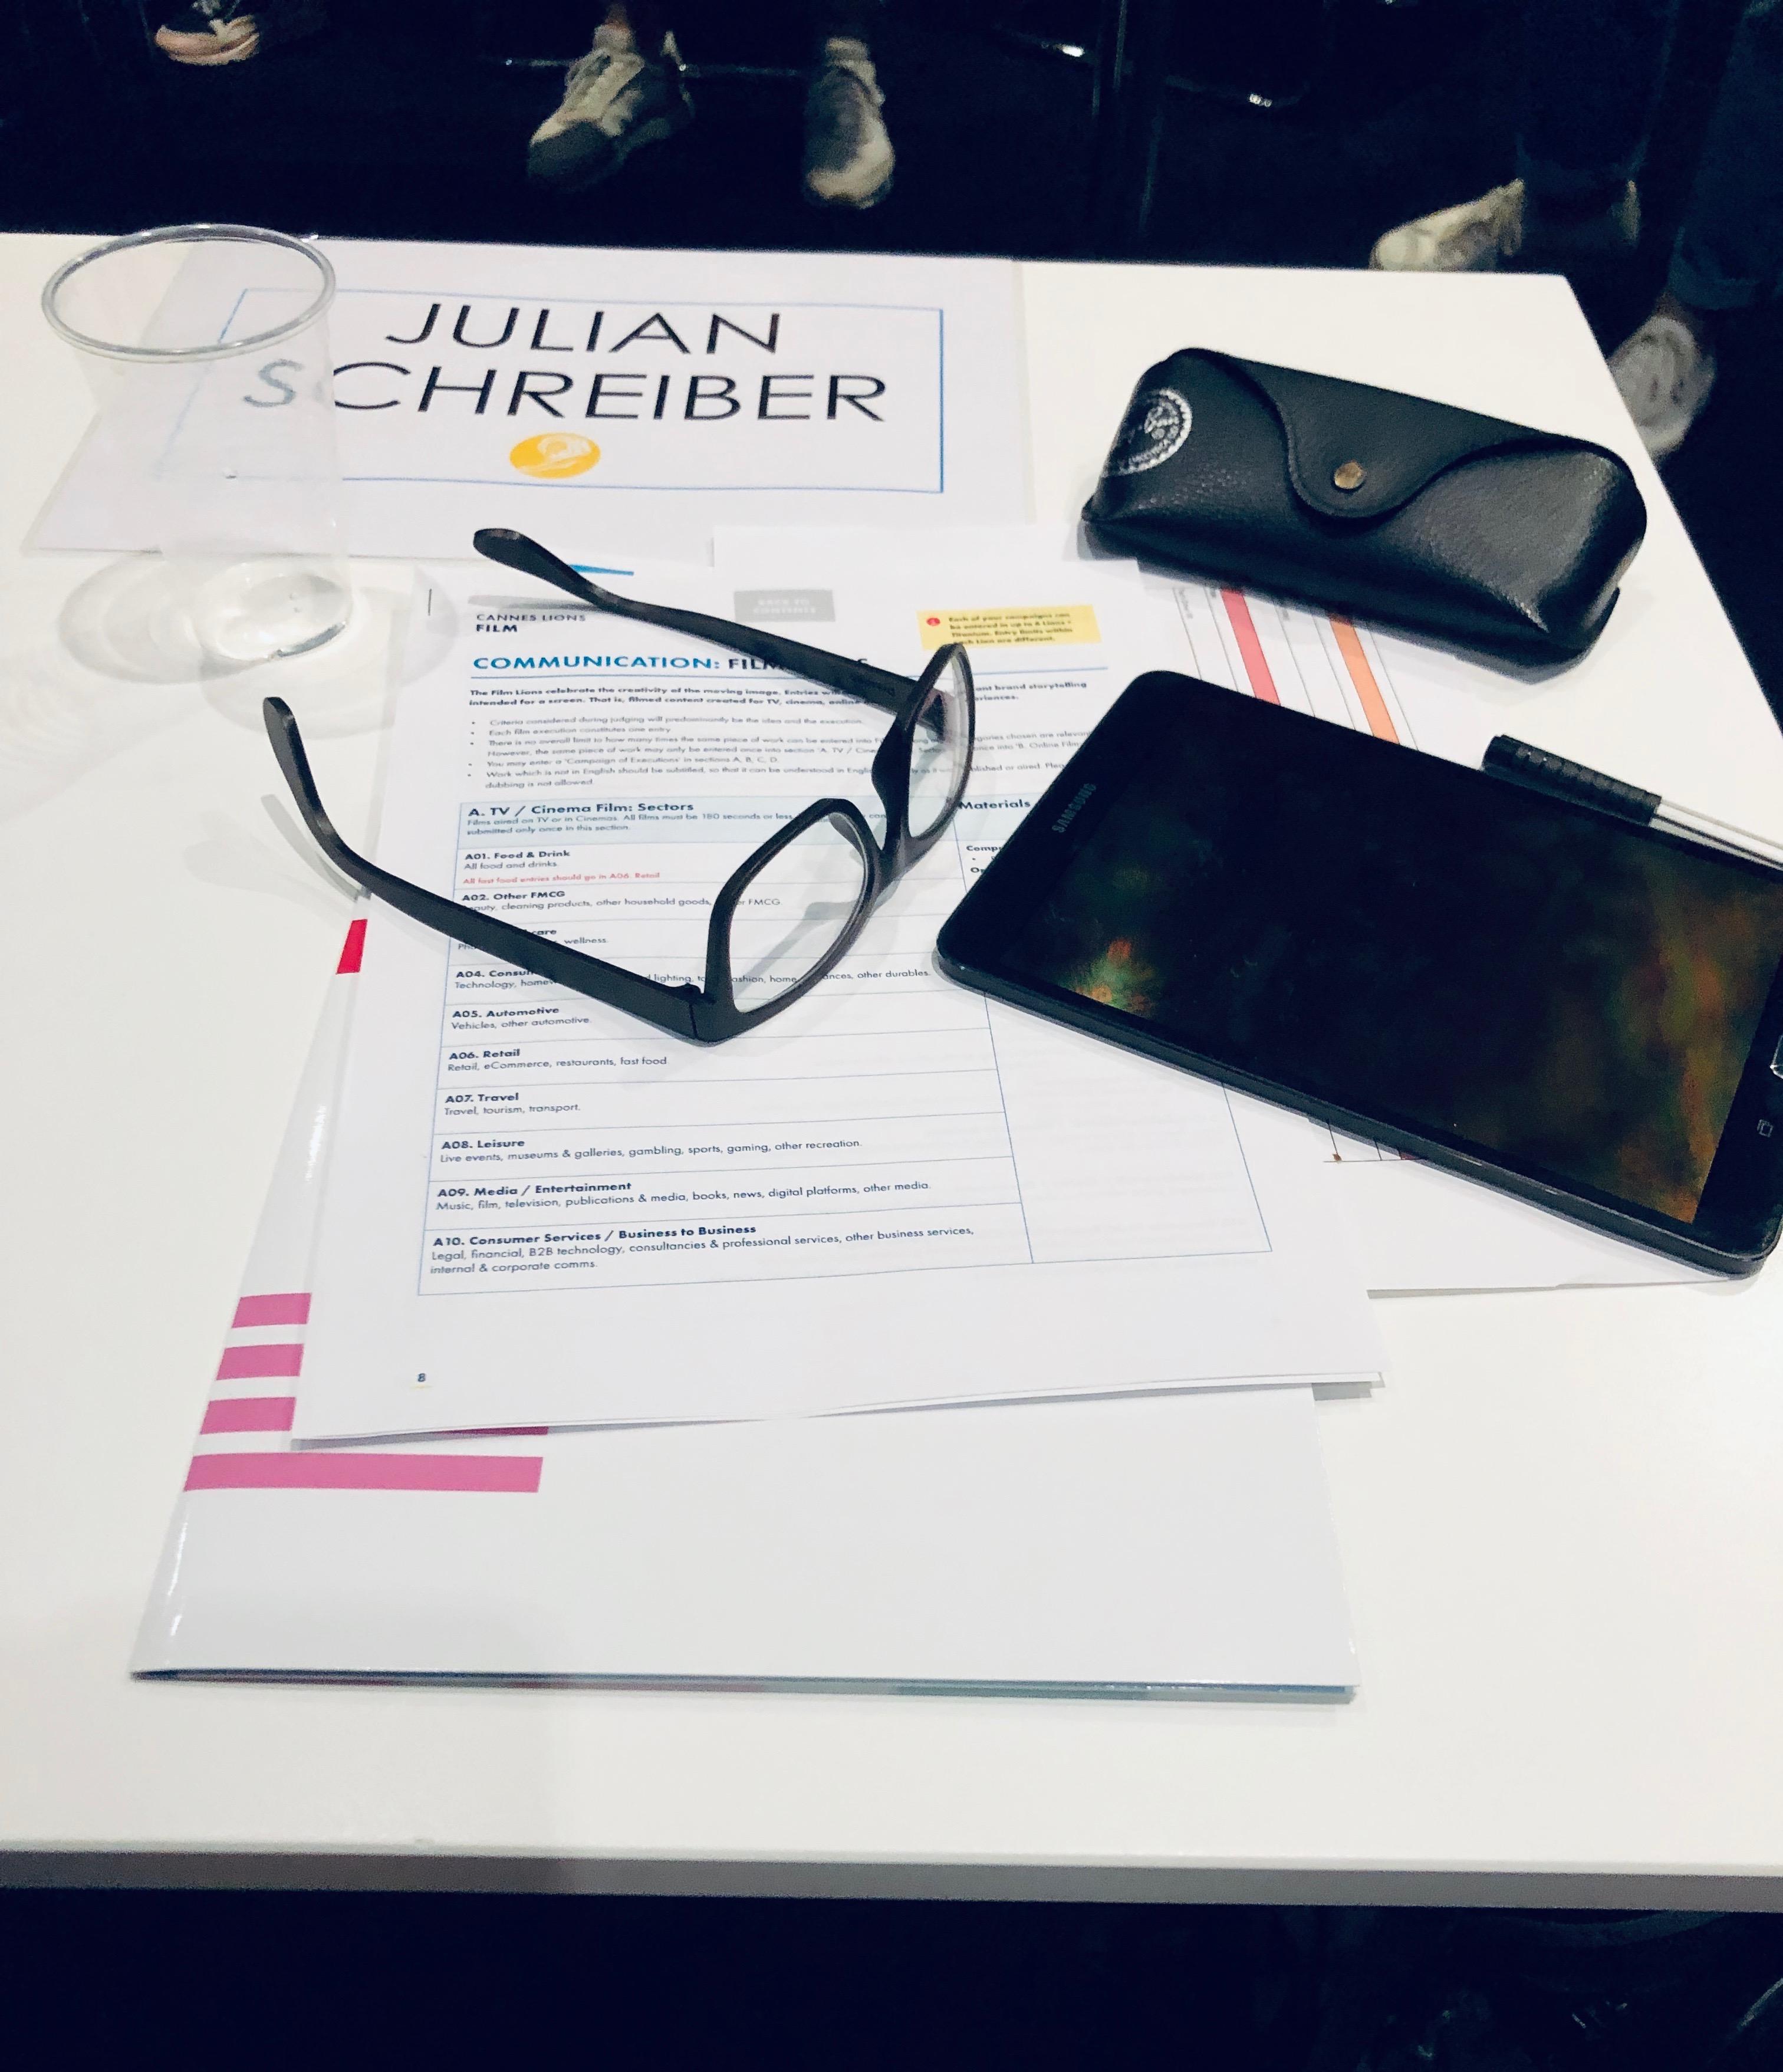 Julian Schreiber's Cannes Diary #1